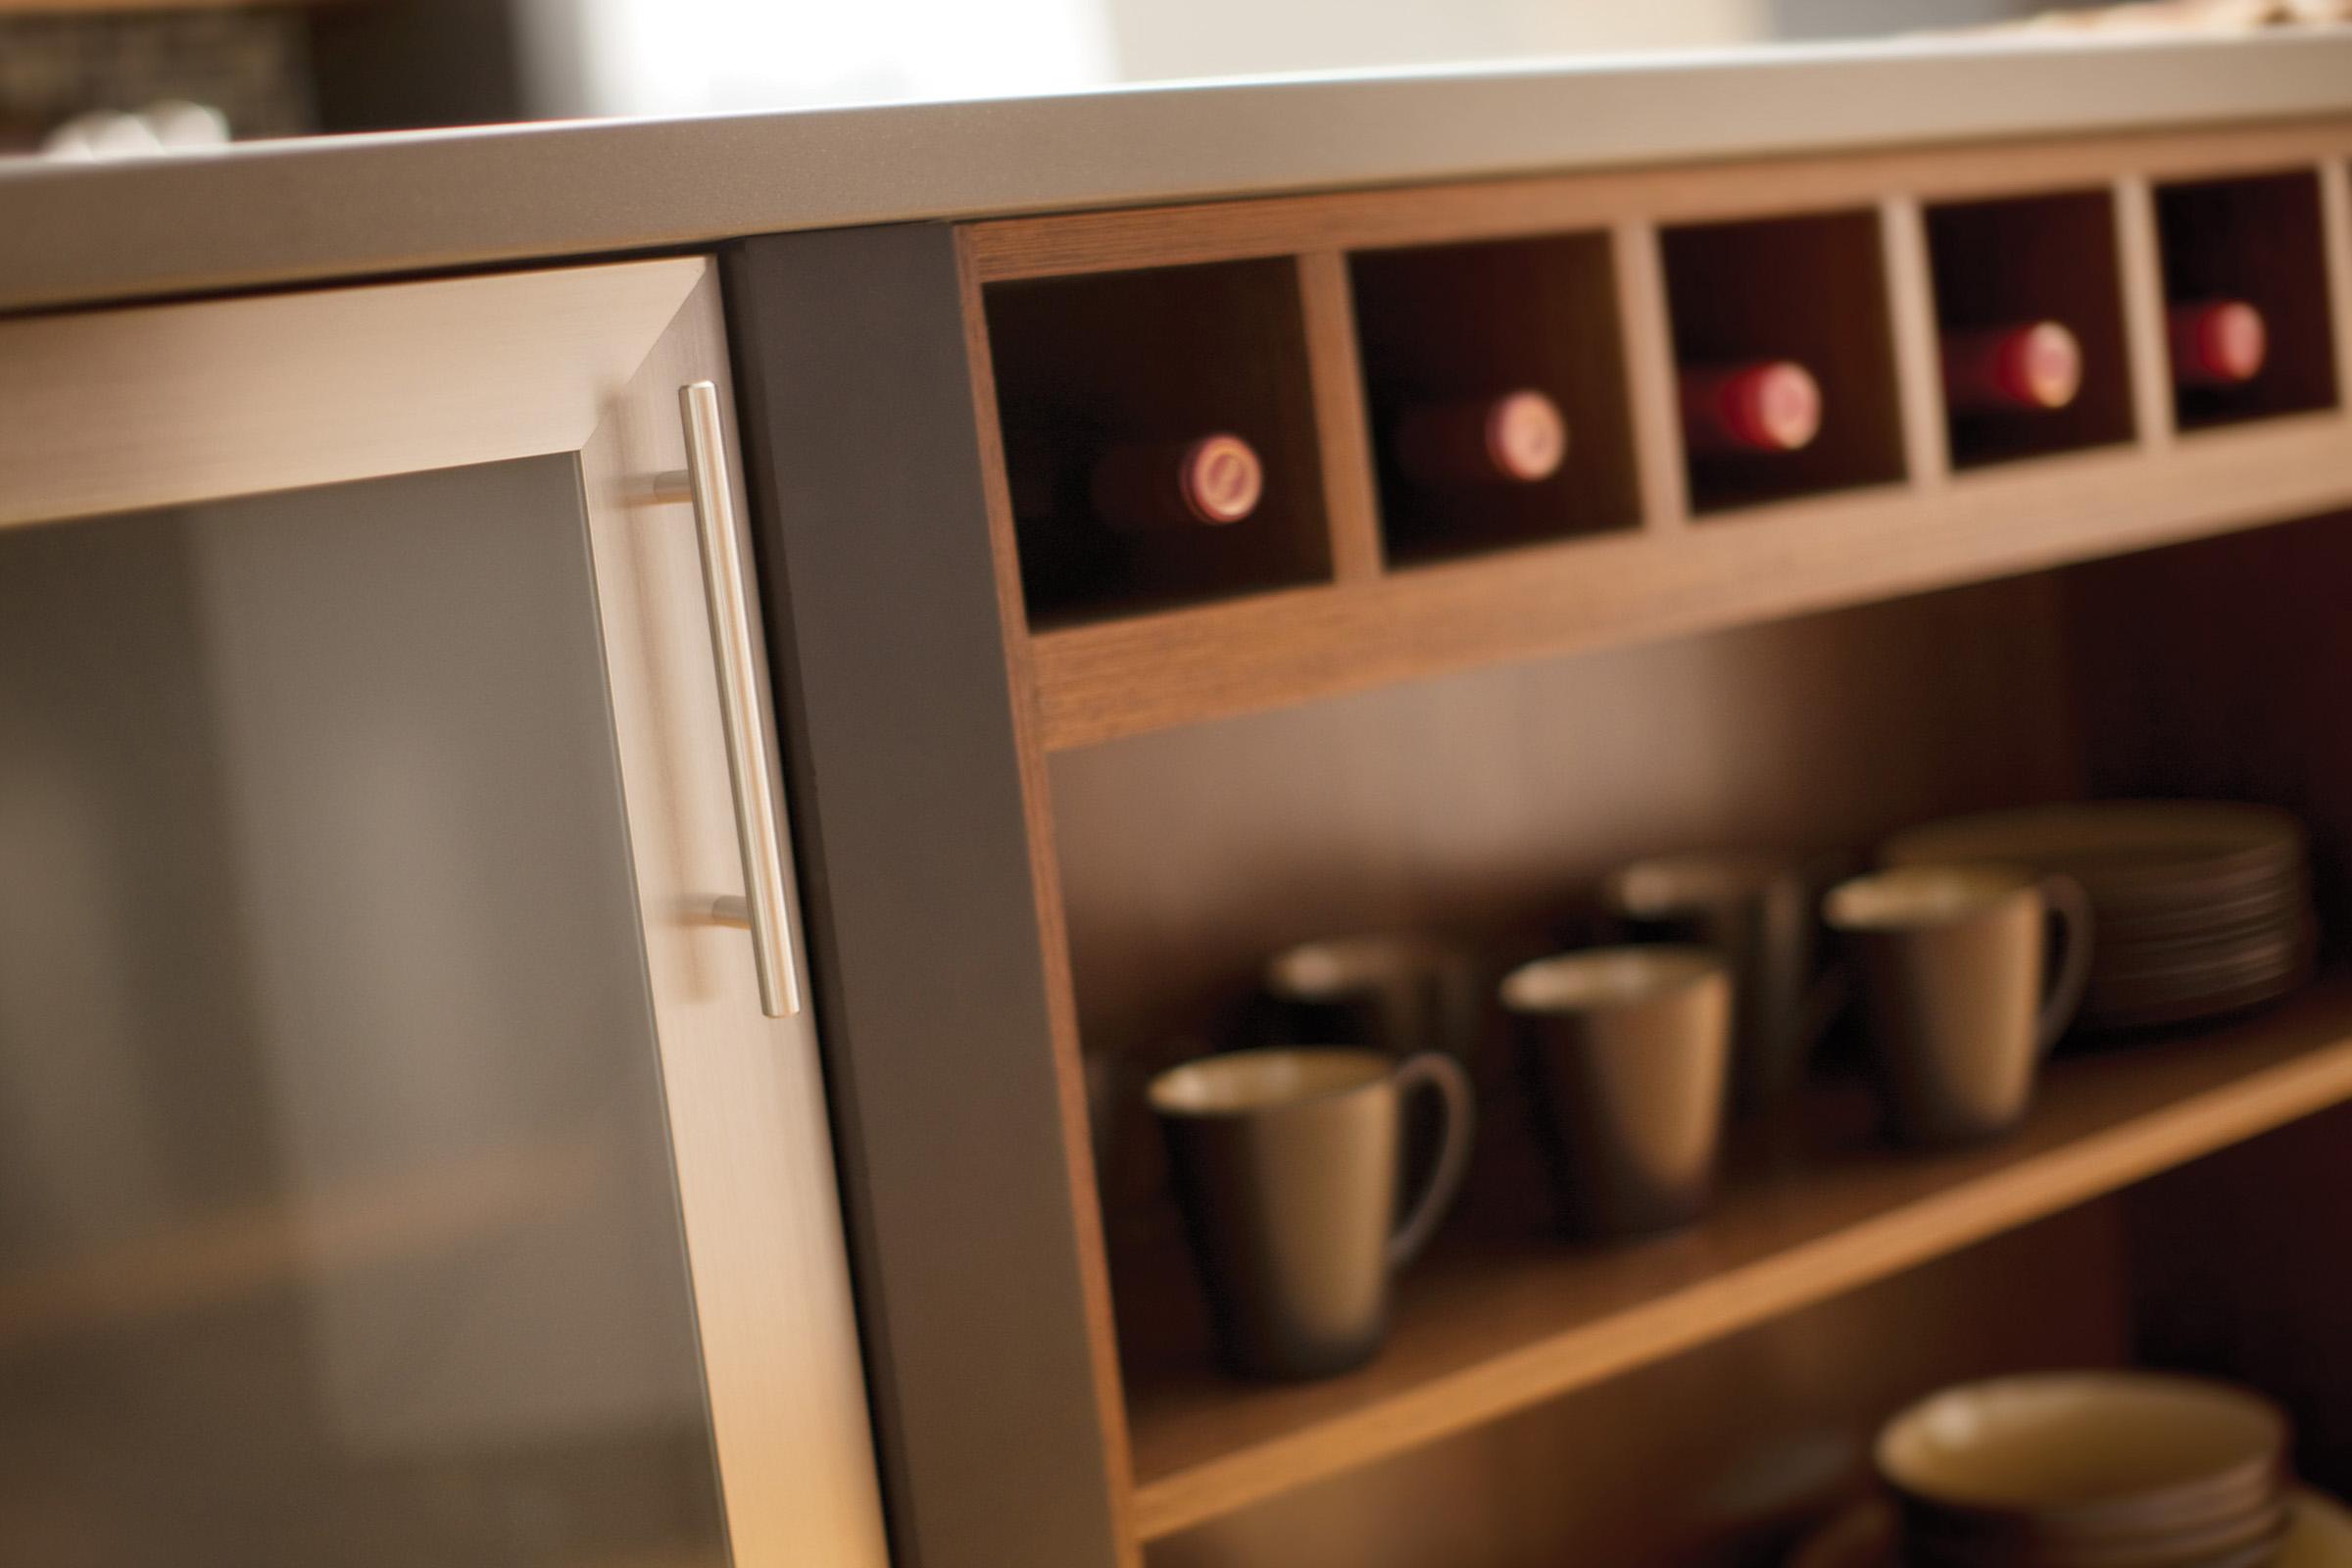 Wine Rack (Vertical or Horizontal)